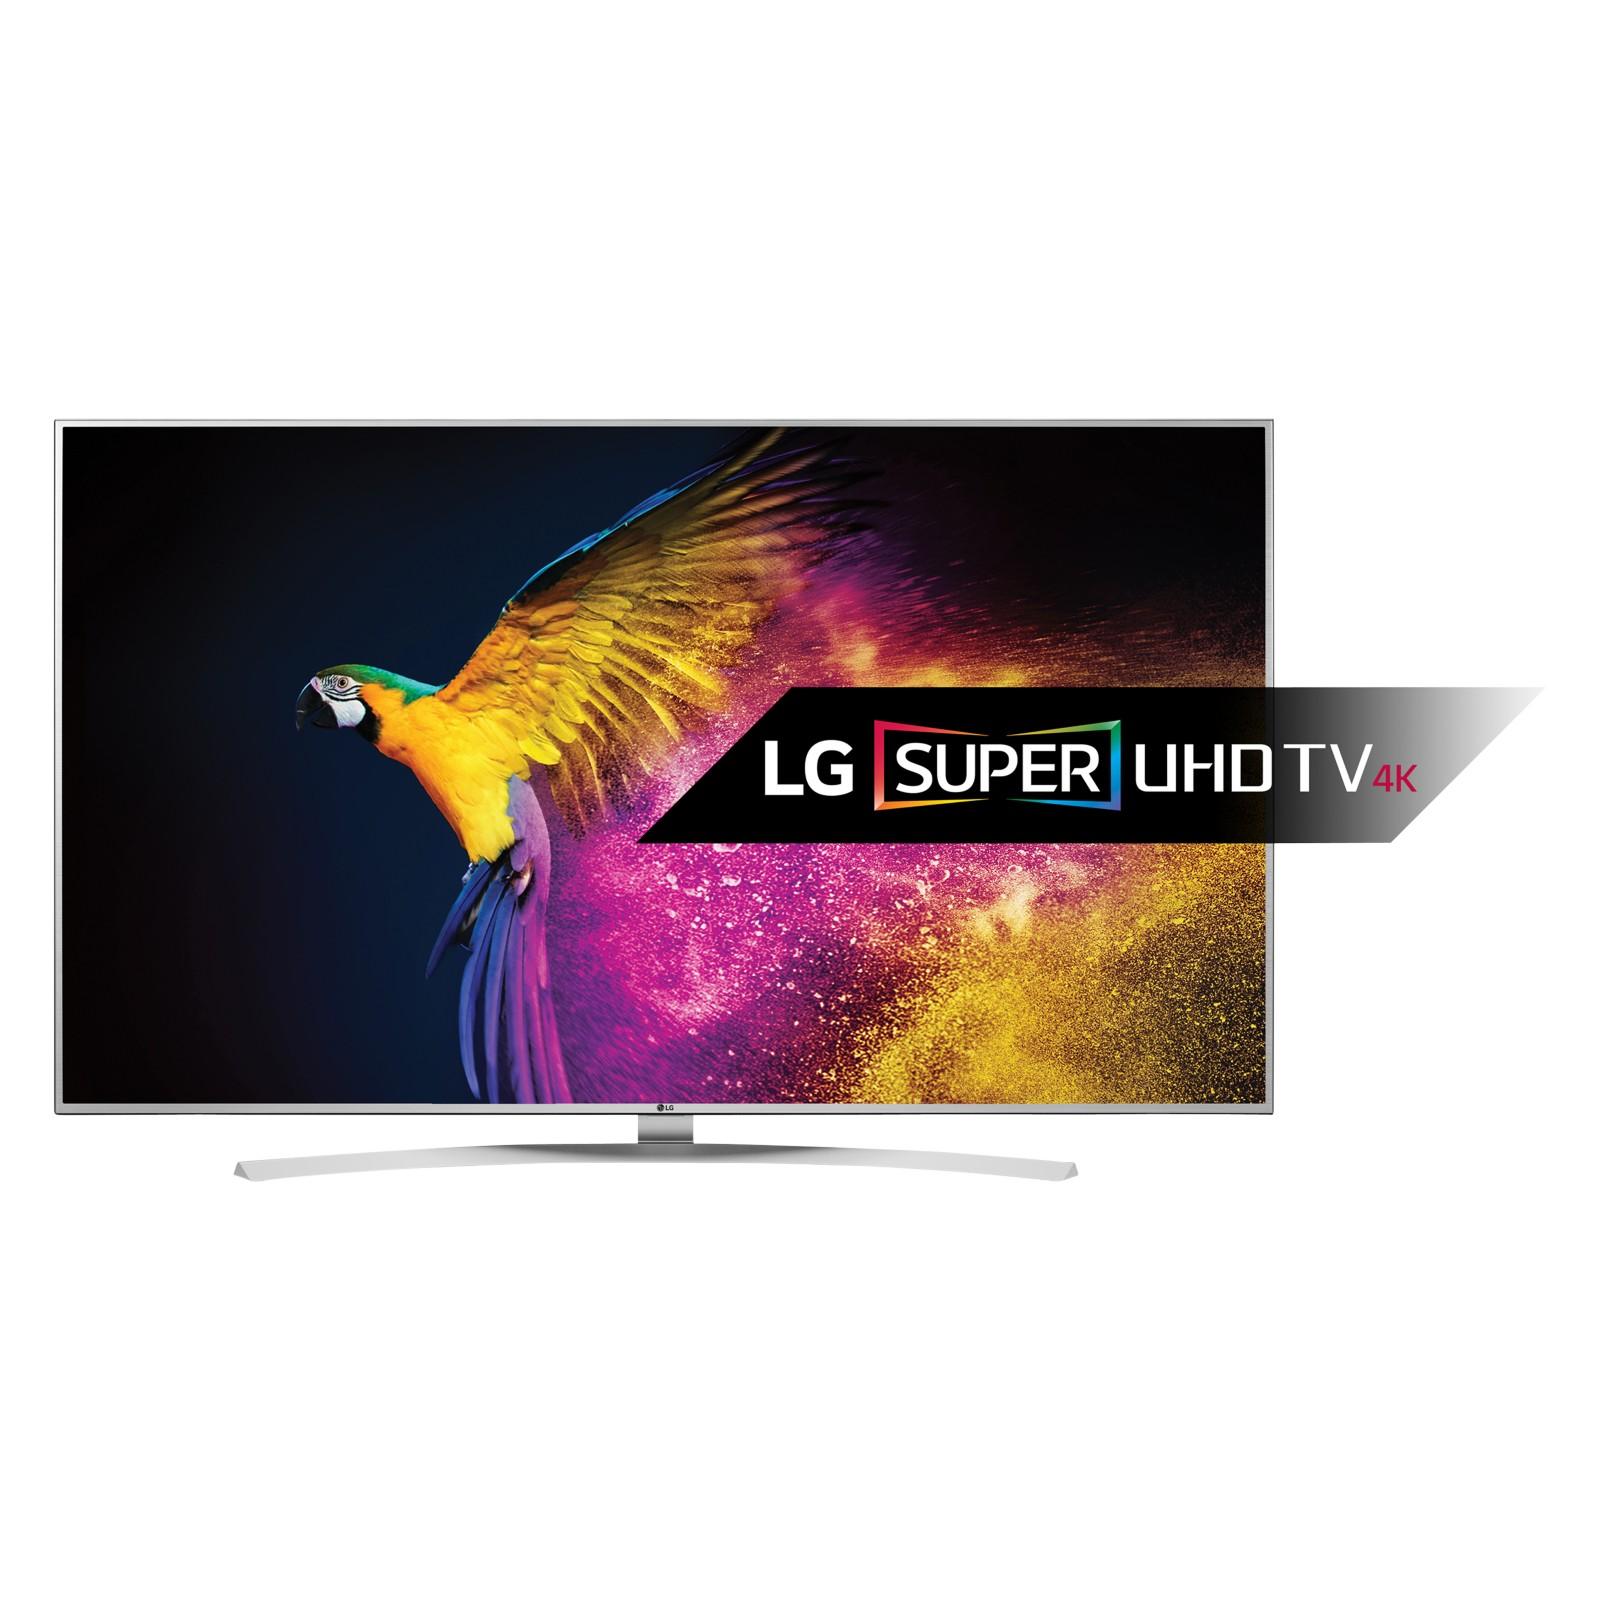 LG 49UH770 LED HDR Super 4K Ultra HD Smart TV